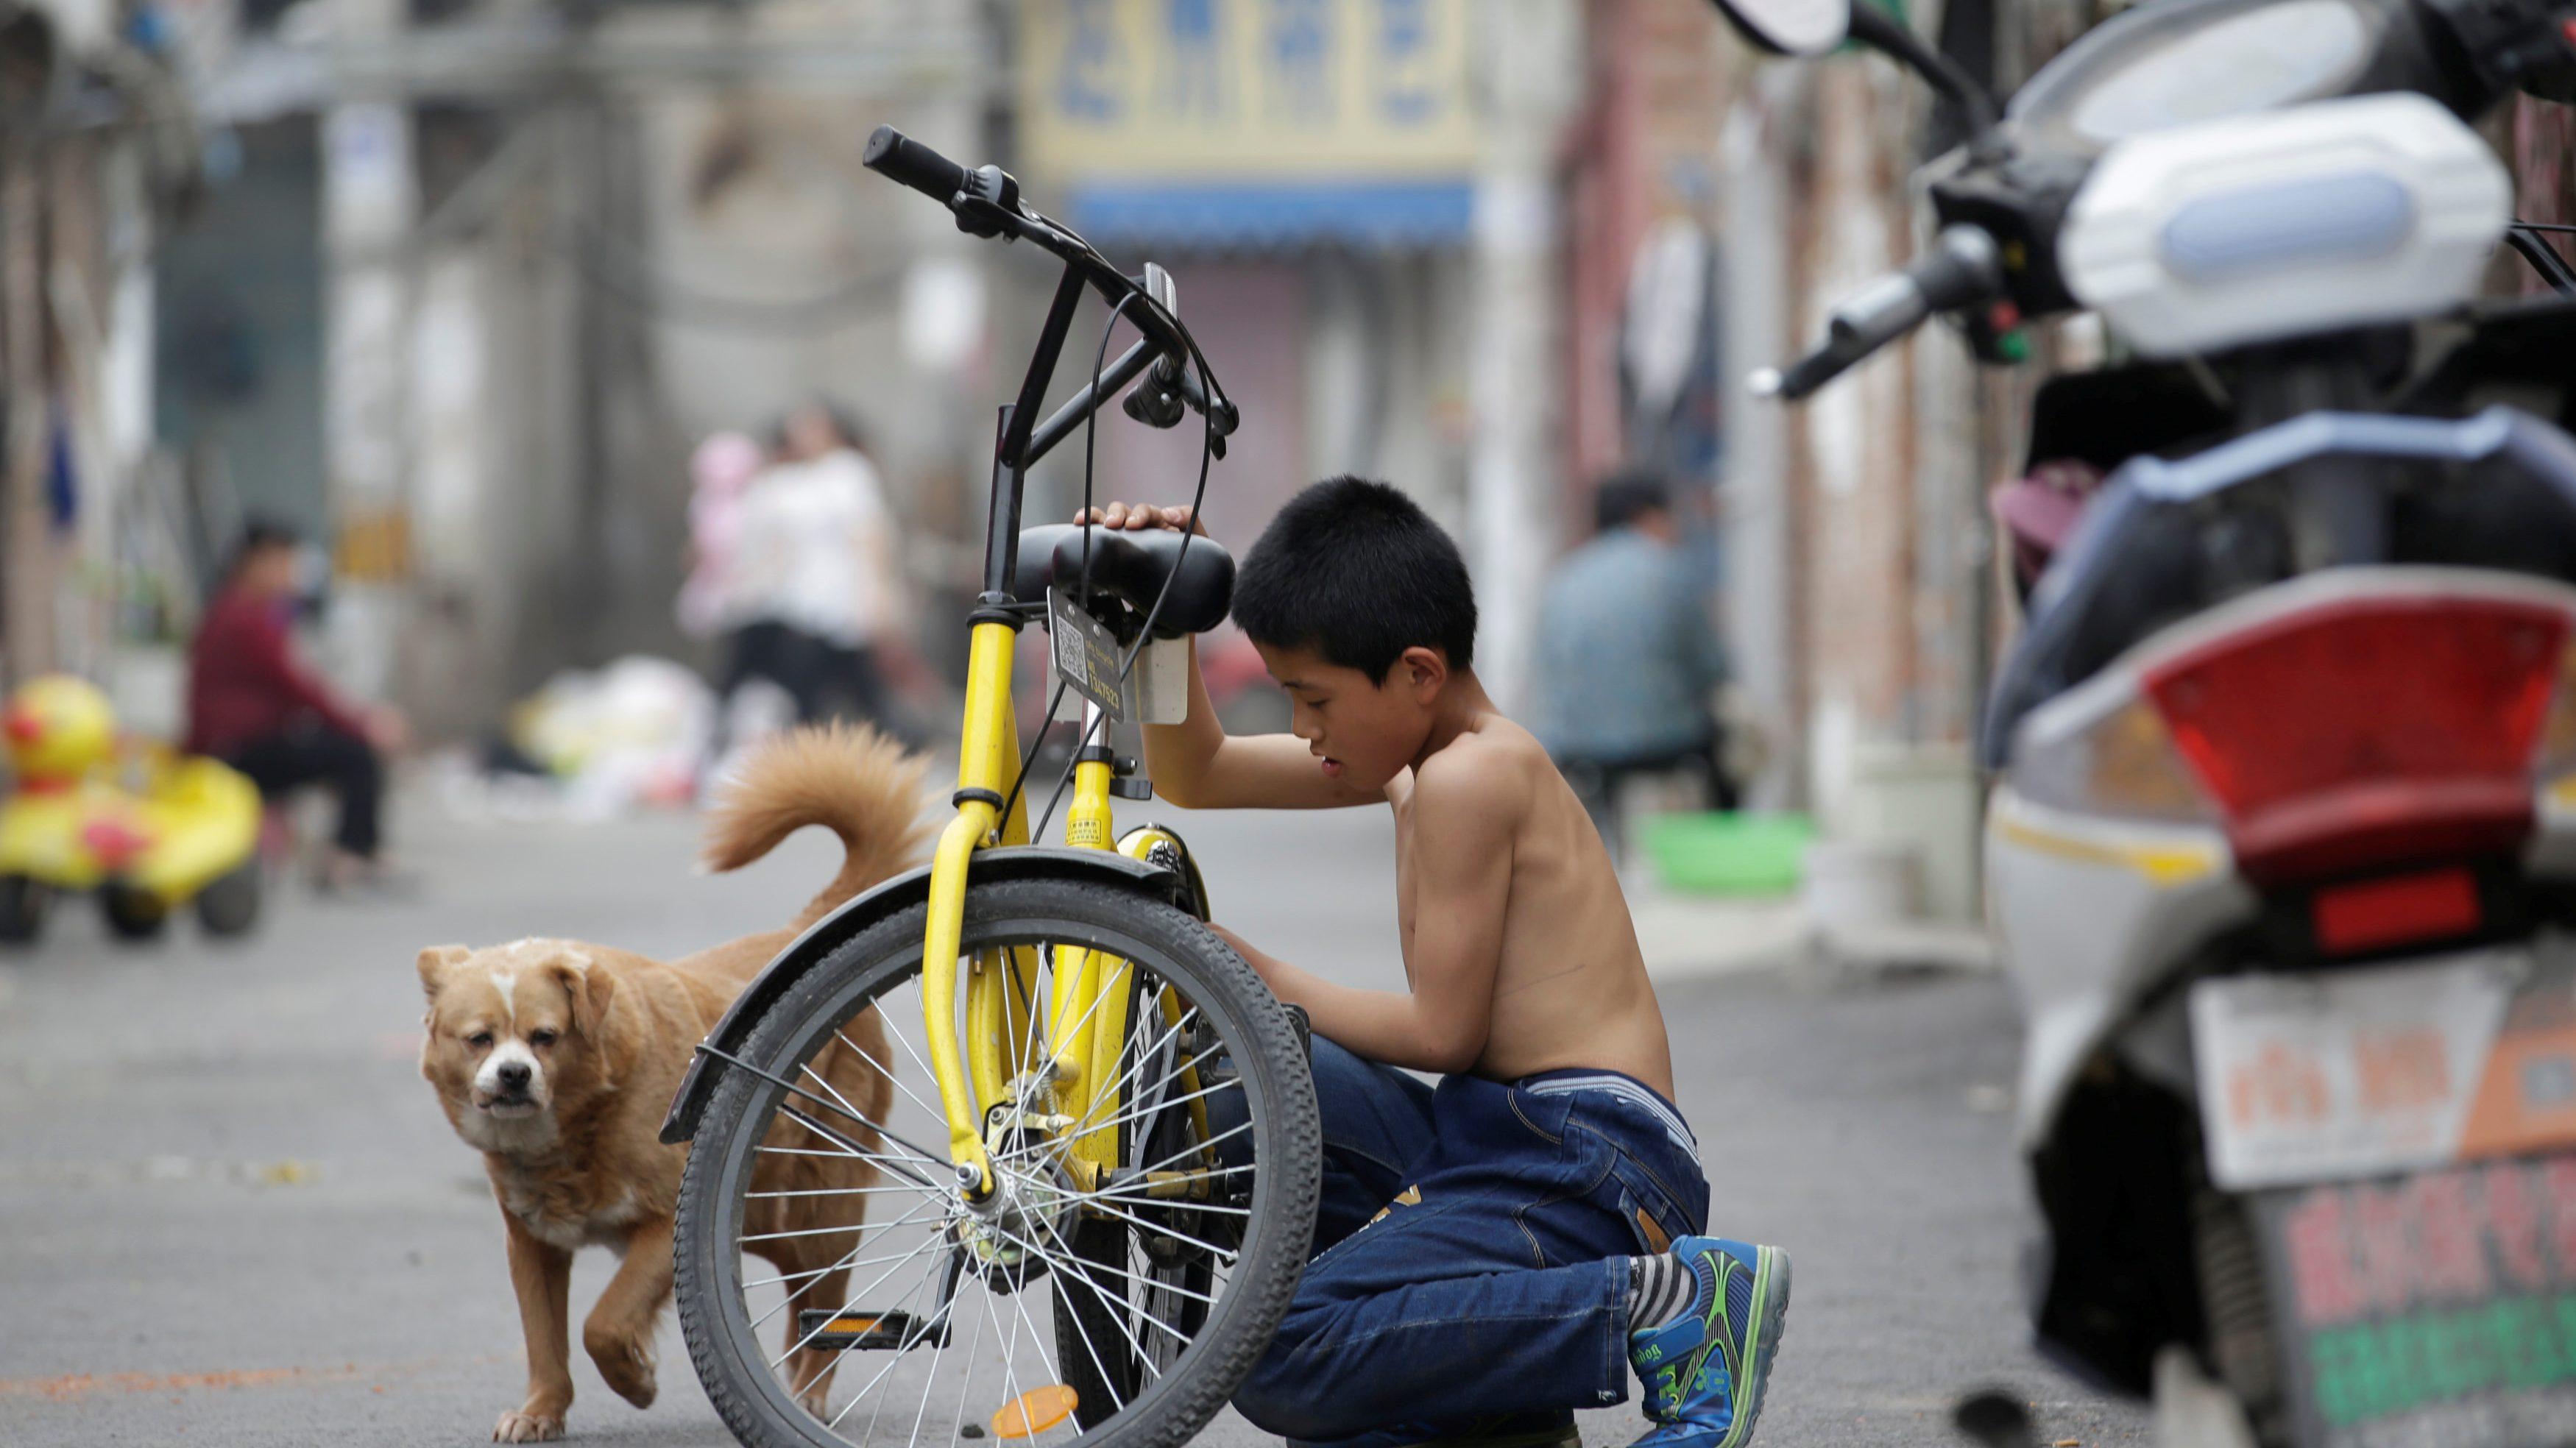 China's sharing economy